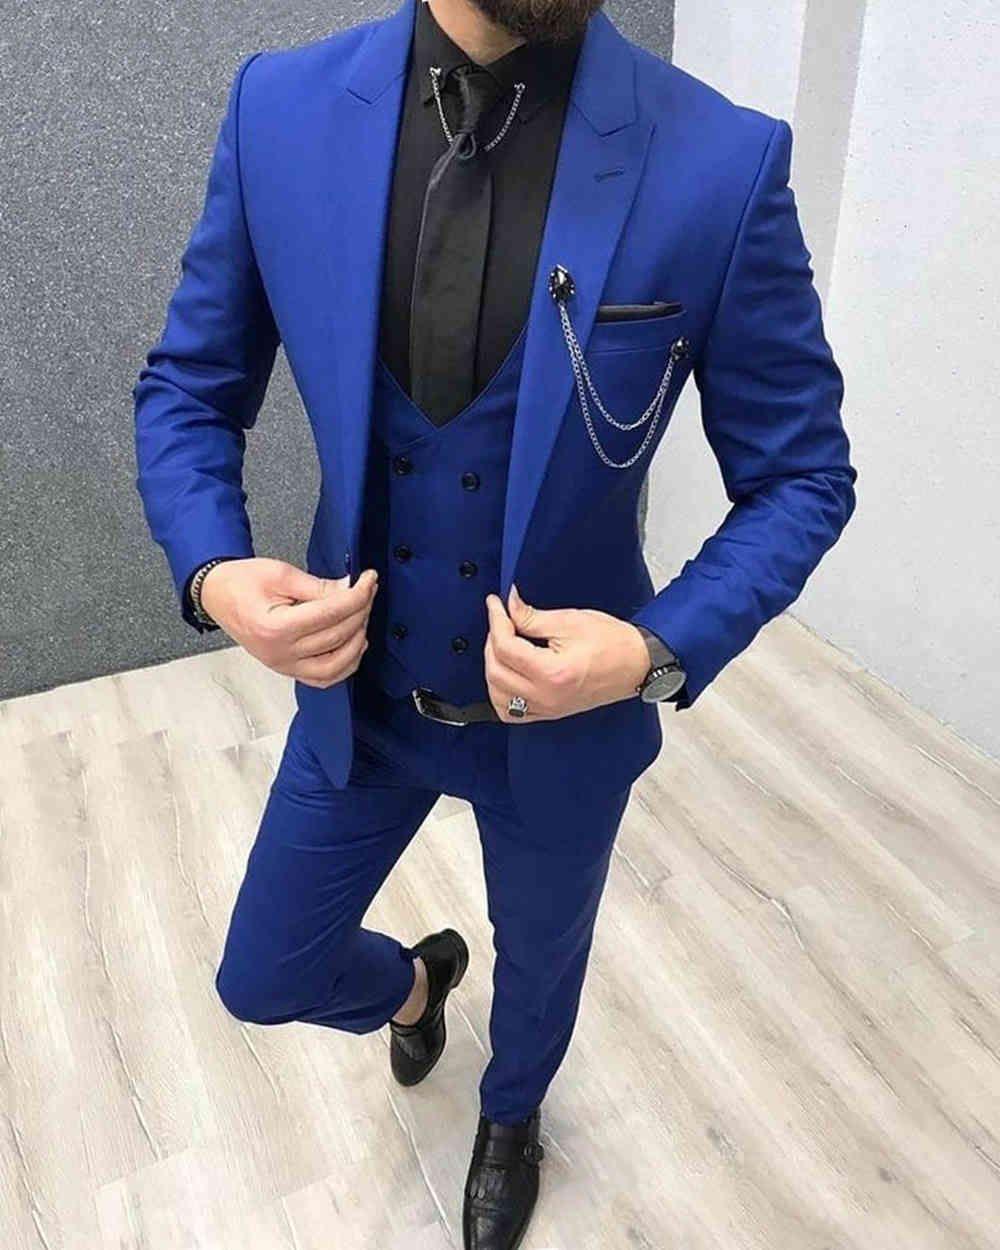 Costumes Hommes Blue Royal 3 Pieces Notch revers Tuxedos Slim Fit Fit Grooms à double boutonnage Gilet pour mariage (Blazer + gilet + pantalon)